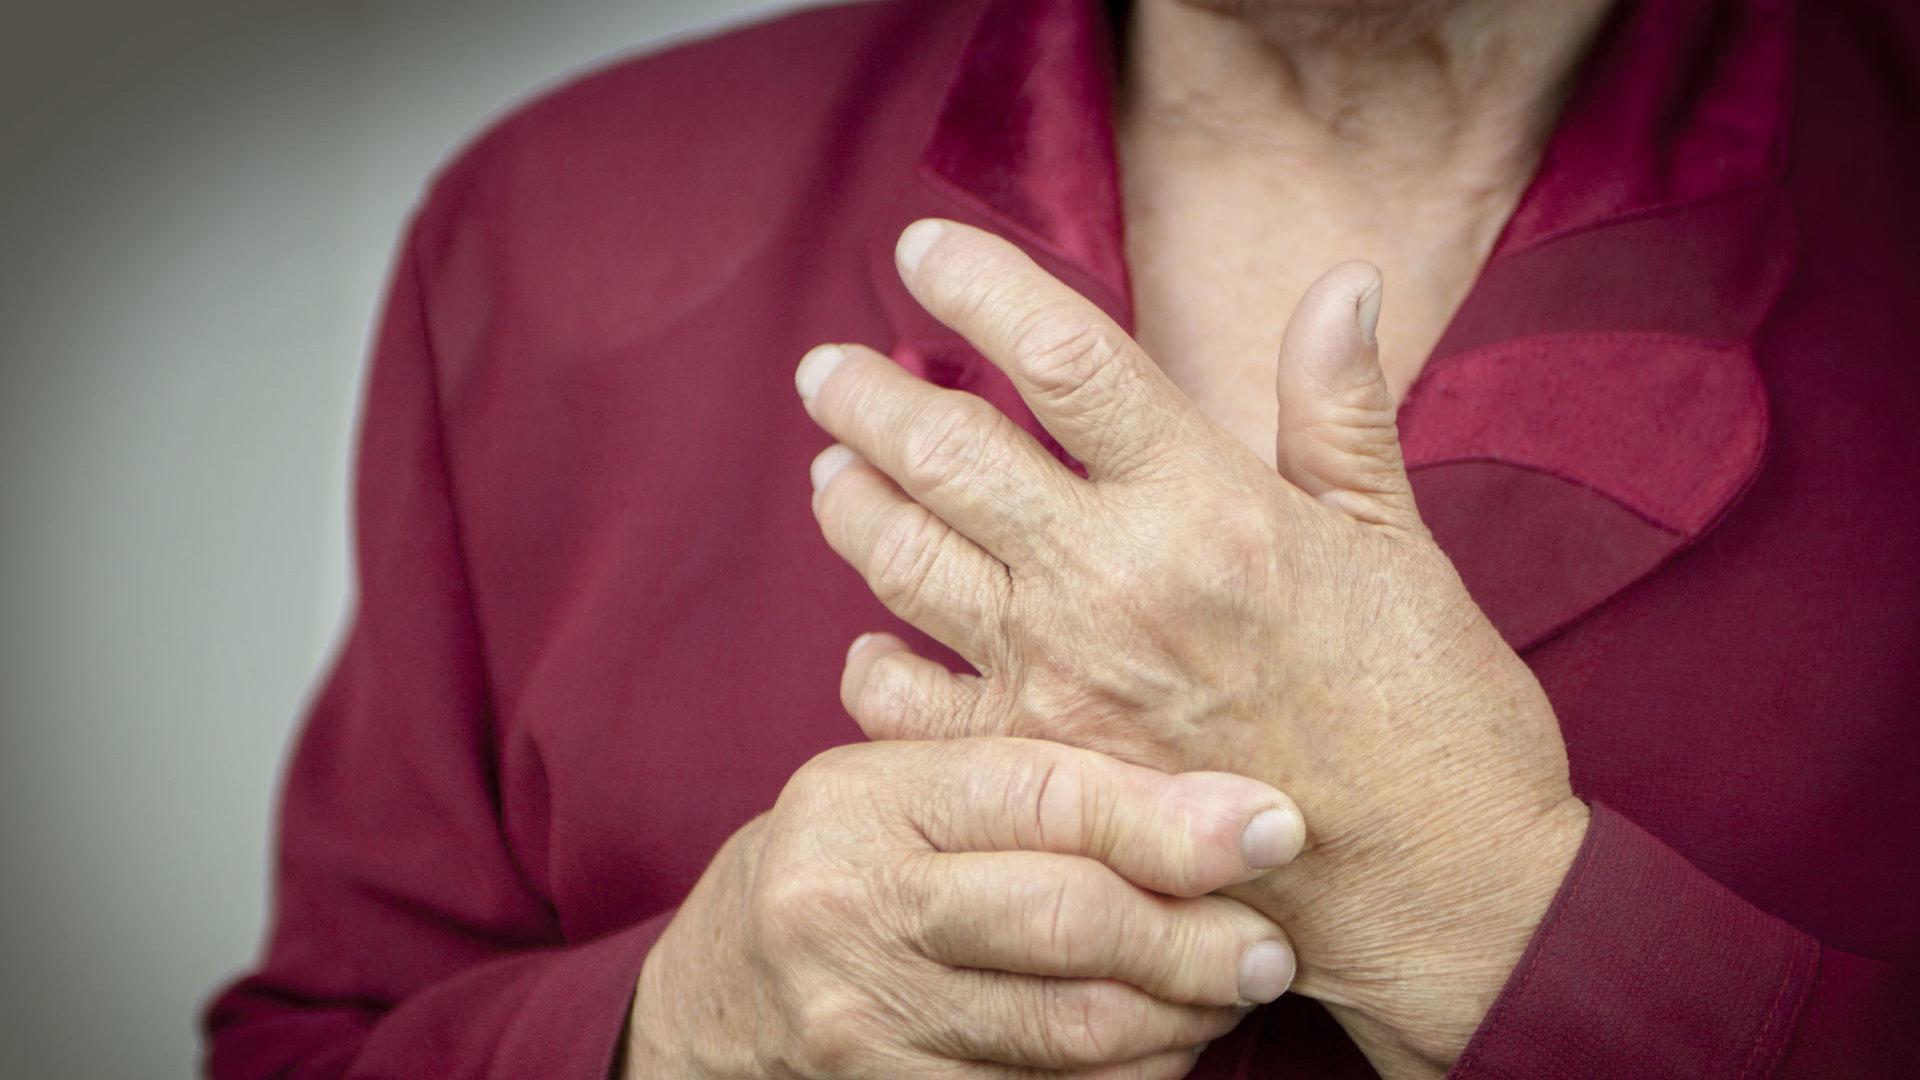 bendras skauda ranka kaip gydyti sąnarių skausmas